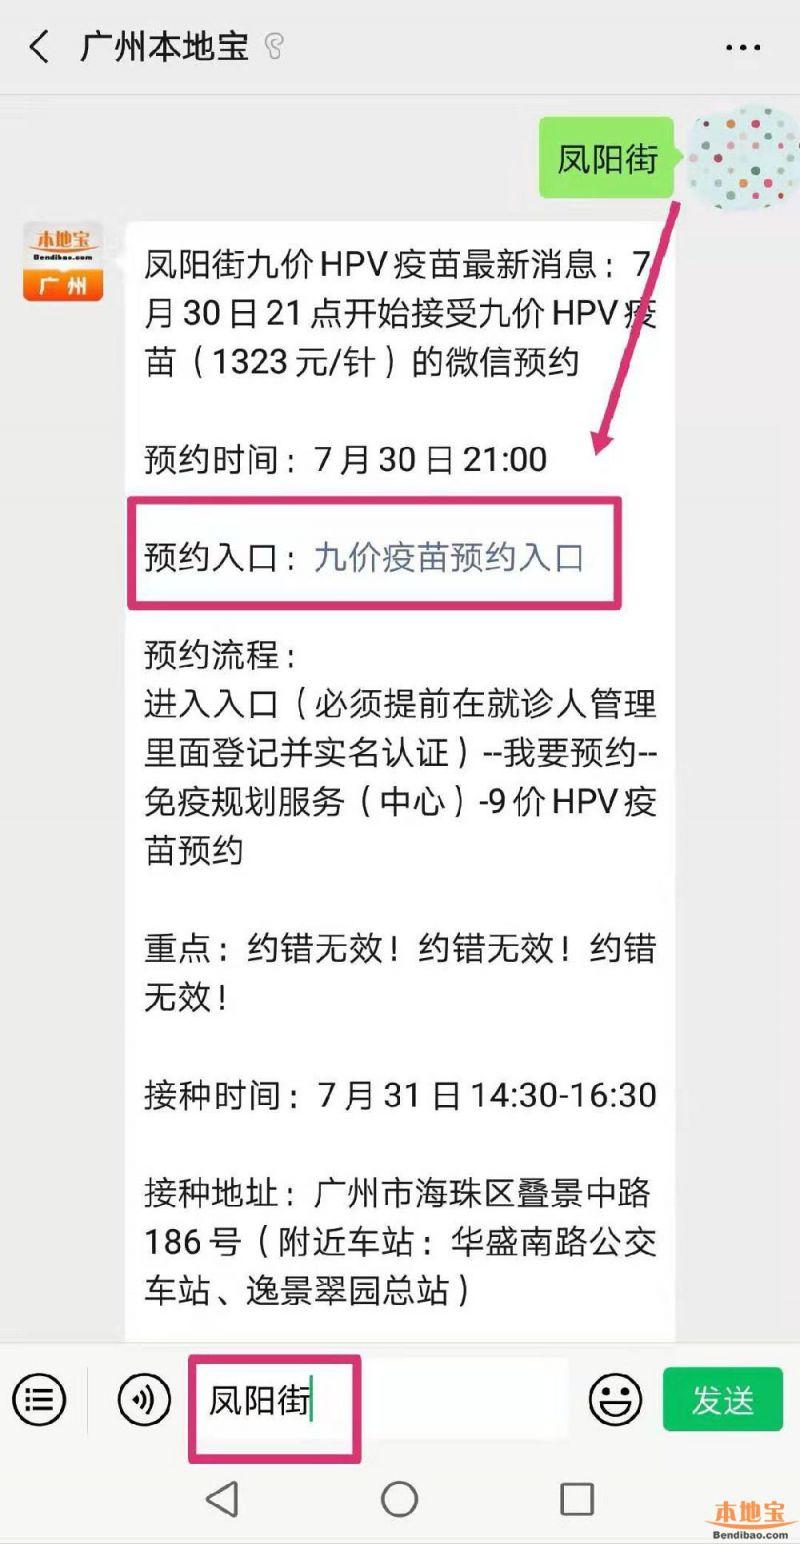 广州白云区金沙街宫颈癌疫苗最新消息(持续更新)